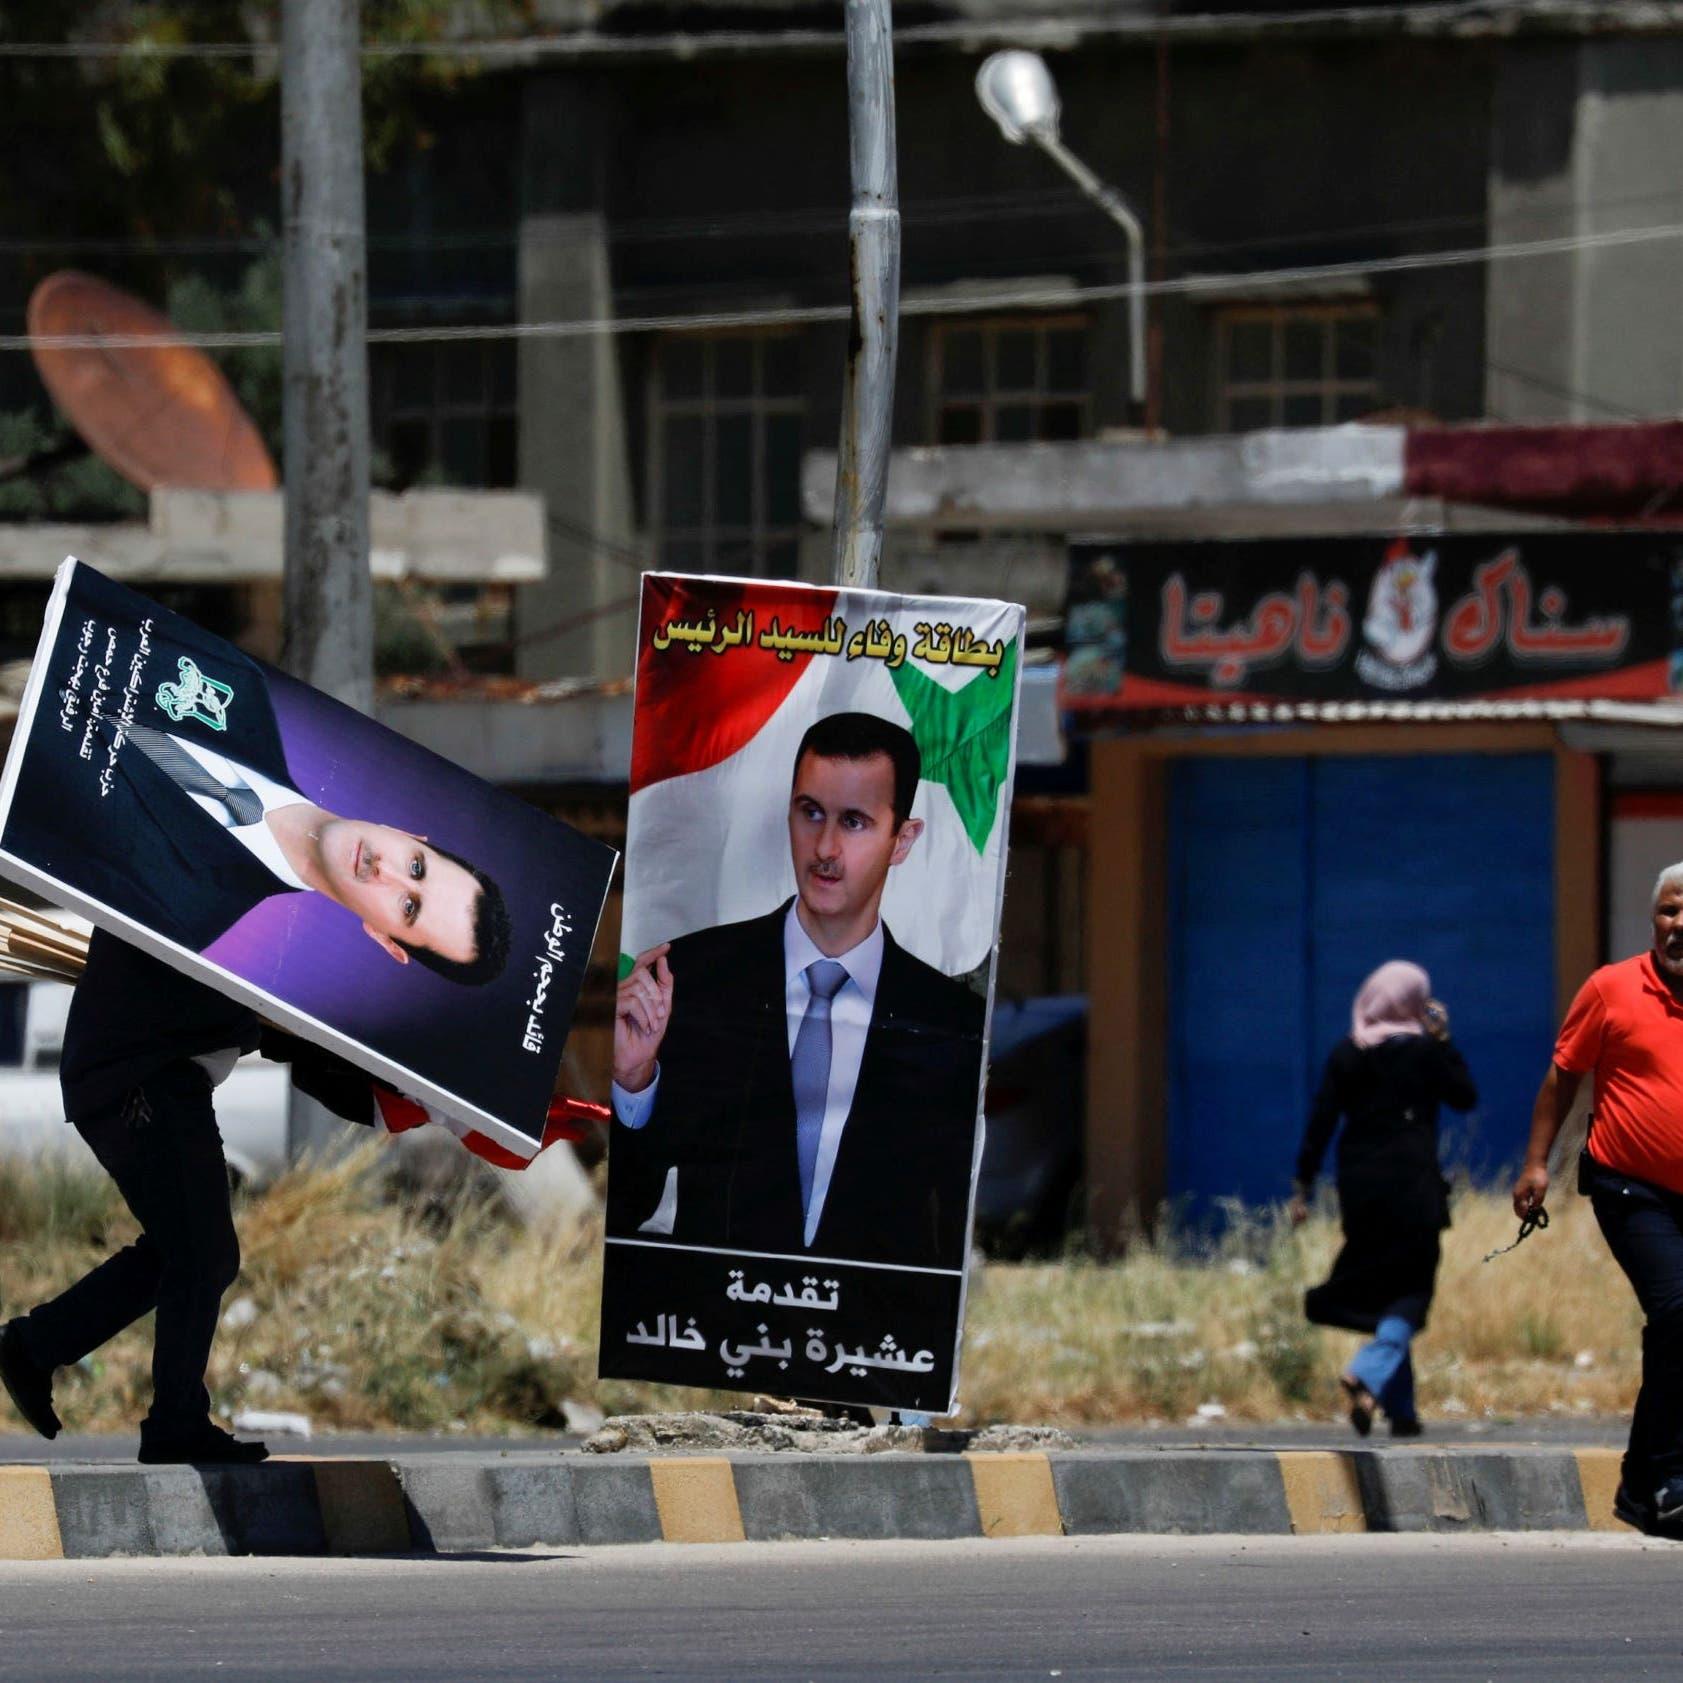 بيان أميركي أوروبي: انتخابات الرئاسة السورية لن تكون حرة ونزيهة